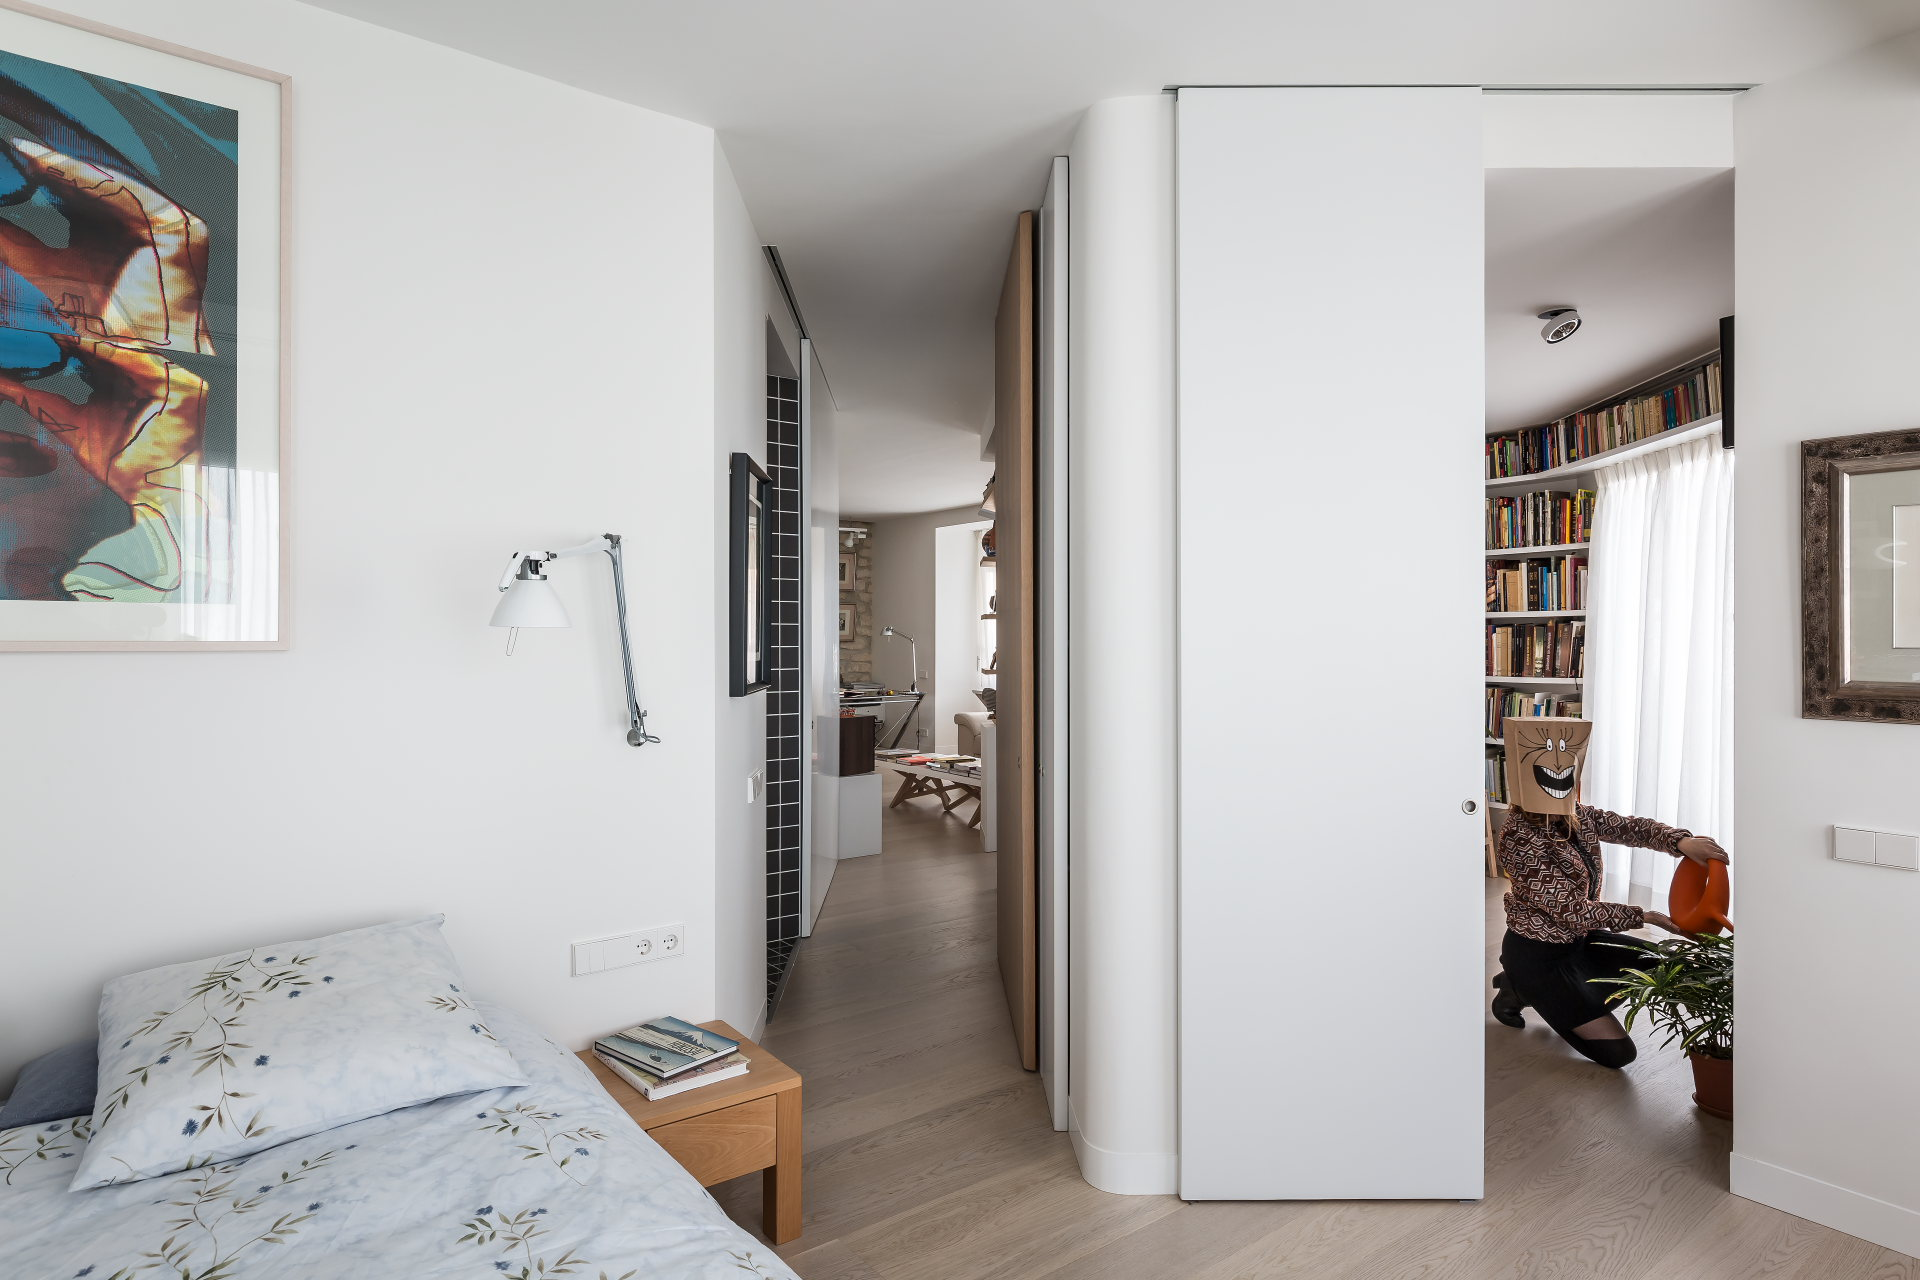 fotografia-arquitectura-valencia-german-cabo-selecta-home-alicante (8)